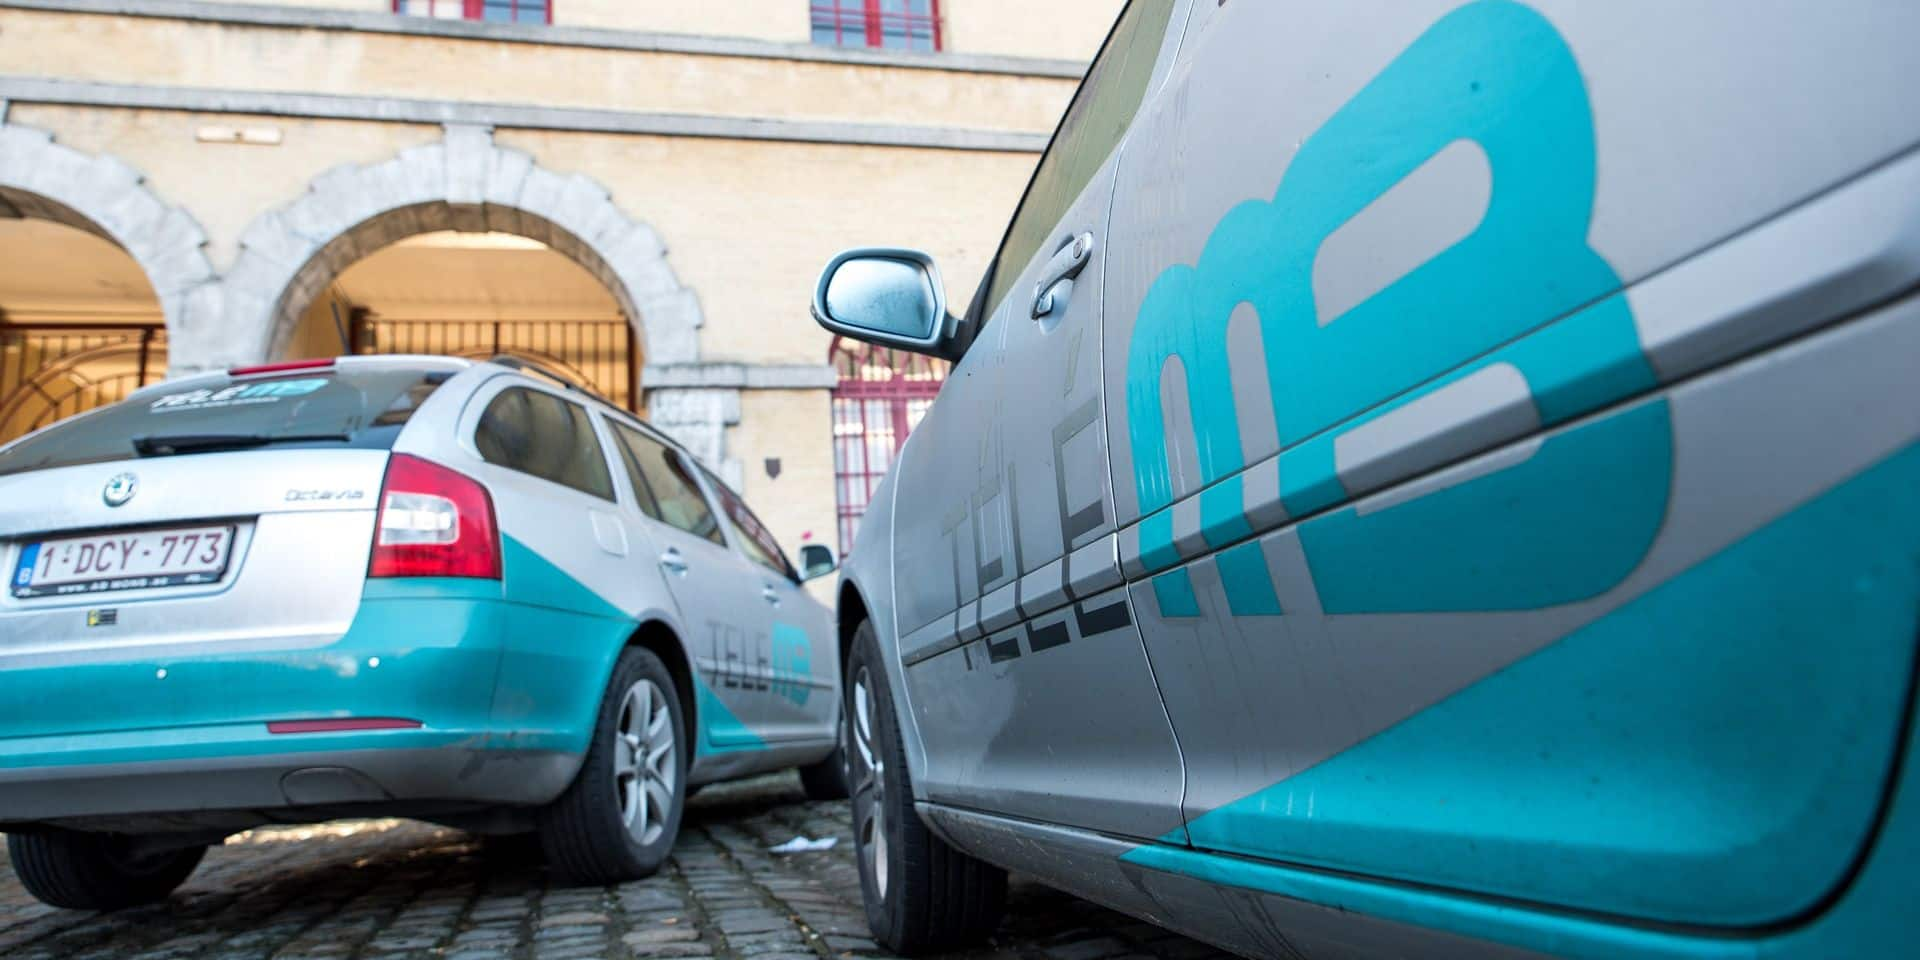 Difficultés financières de Télé MB: une rencontre entre la ministre et les médias de proximité sera organisée fin d'année